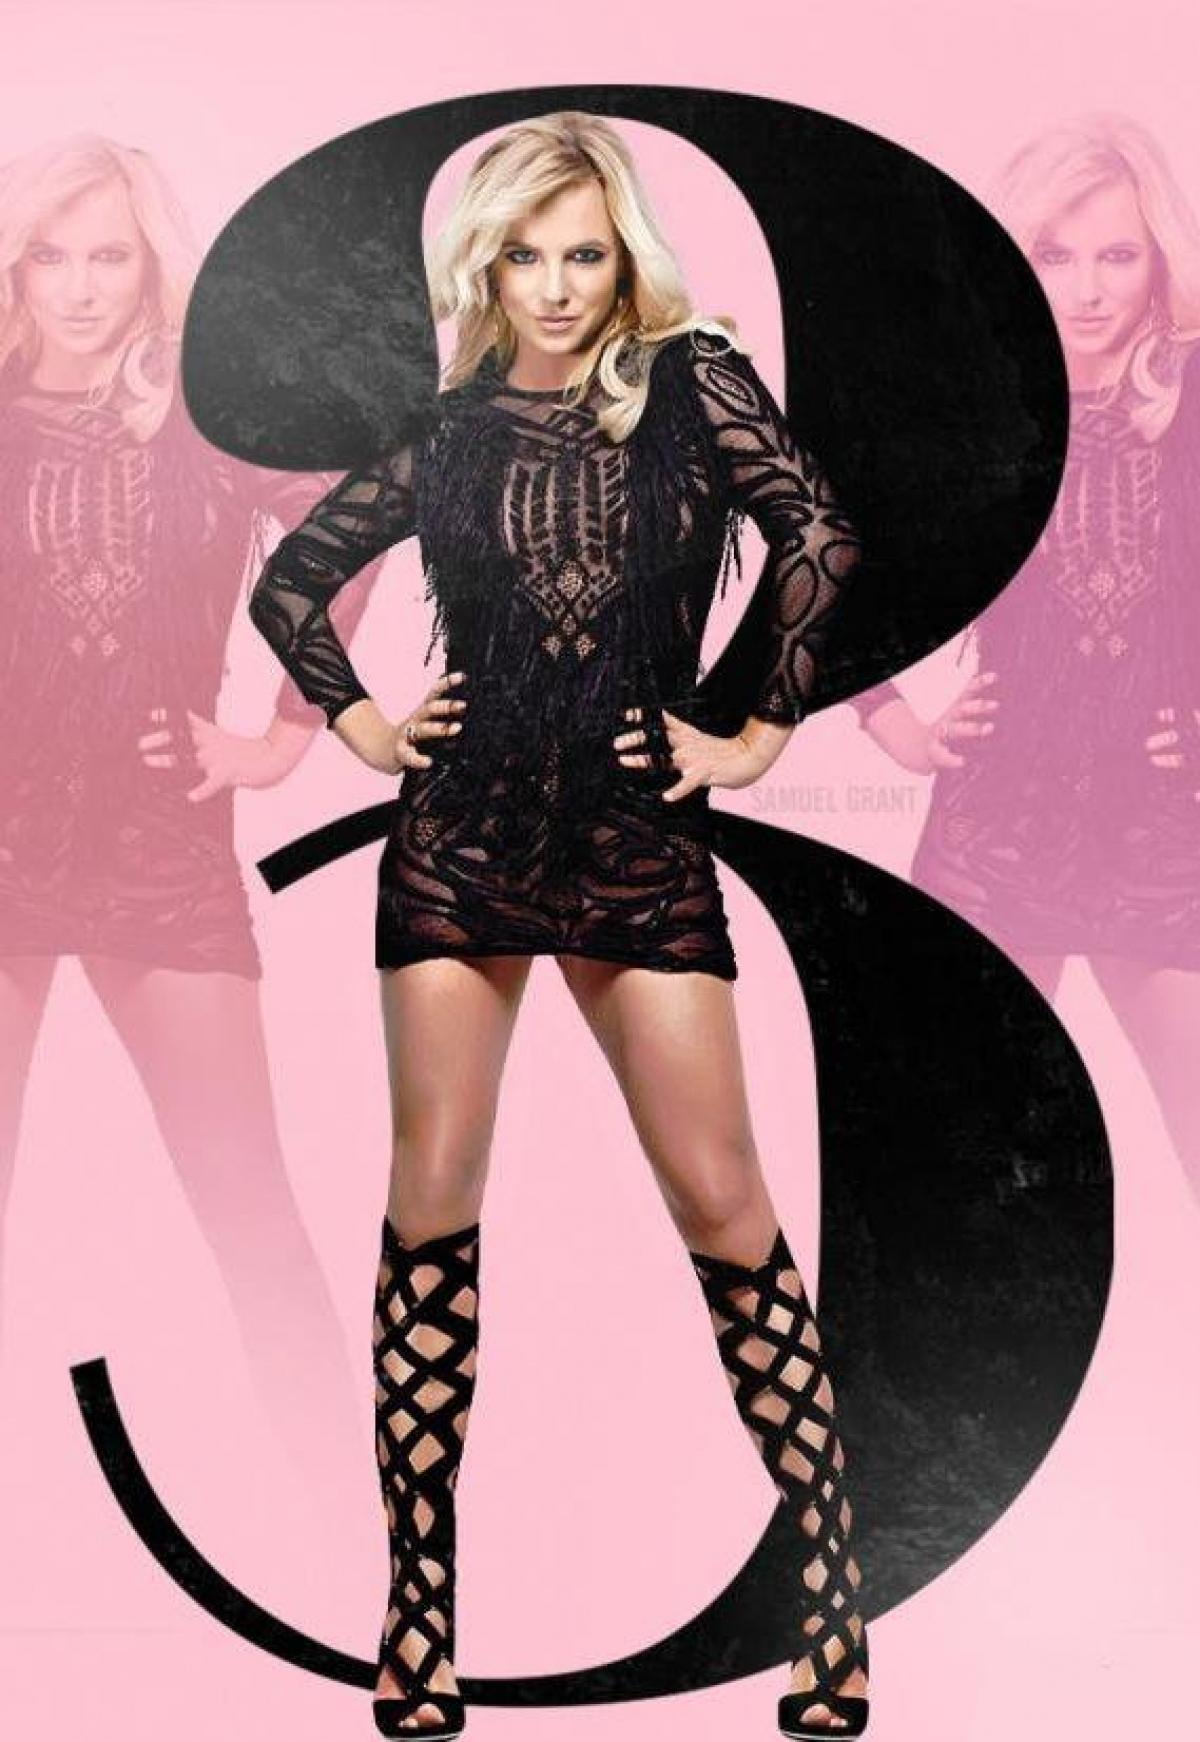 """""""3"""" là một bản uptempo electropop đậm vẻ gợi cảm nhưng khá vui tươi và đơn giản. """"3"""" của Britney Spears đã đứng vị trí số 1 Billboard trong năm 2009."""